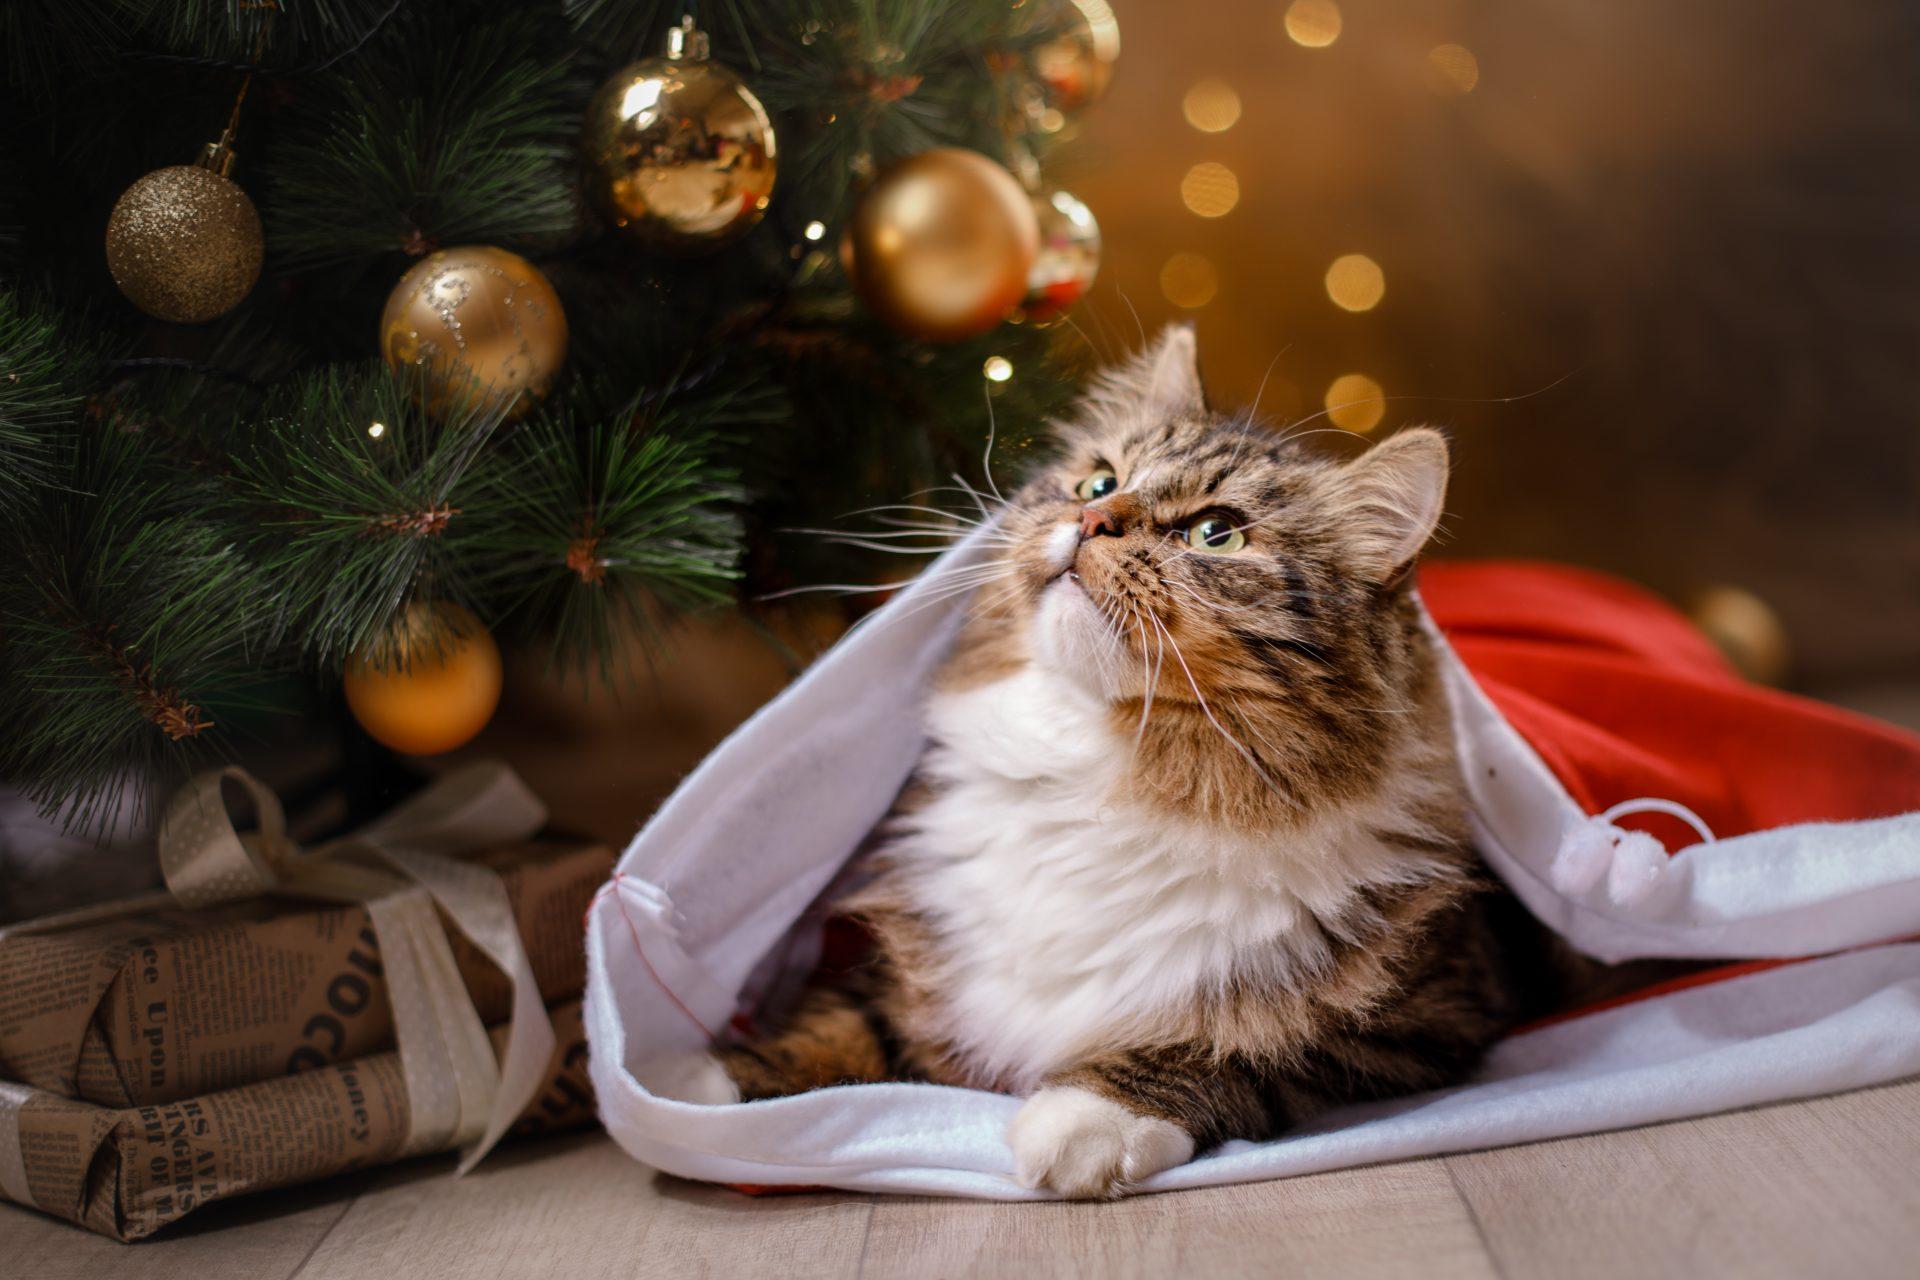 คริสต์มาส นี้จะฉลองอย่างไรให้แมวฟิน ?  🐱🐈🎄☃️🎉🎊